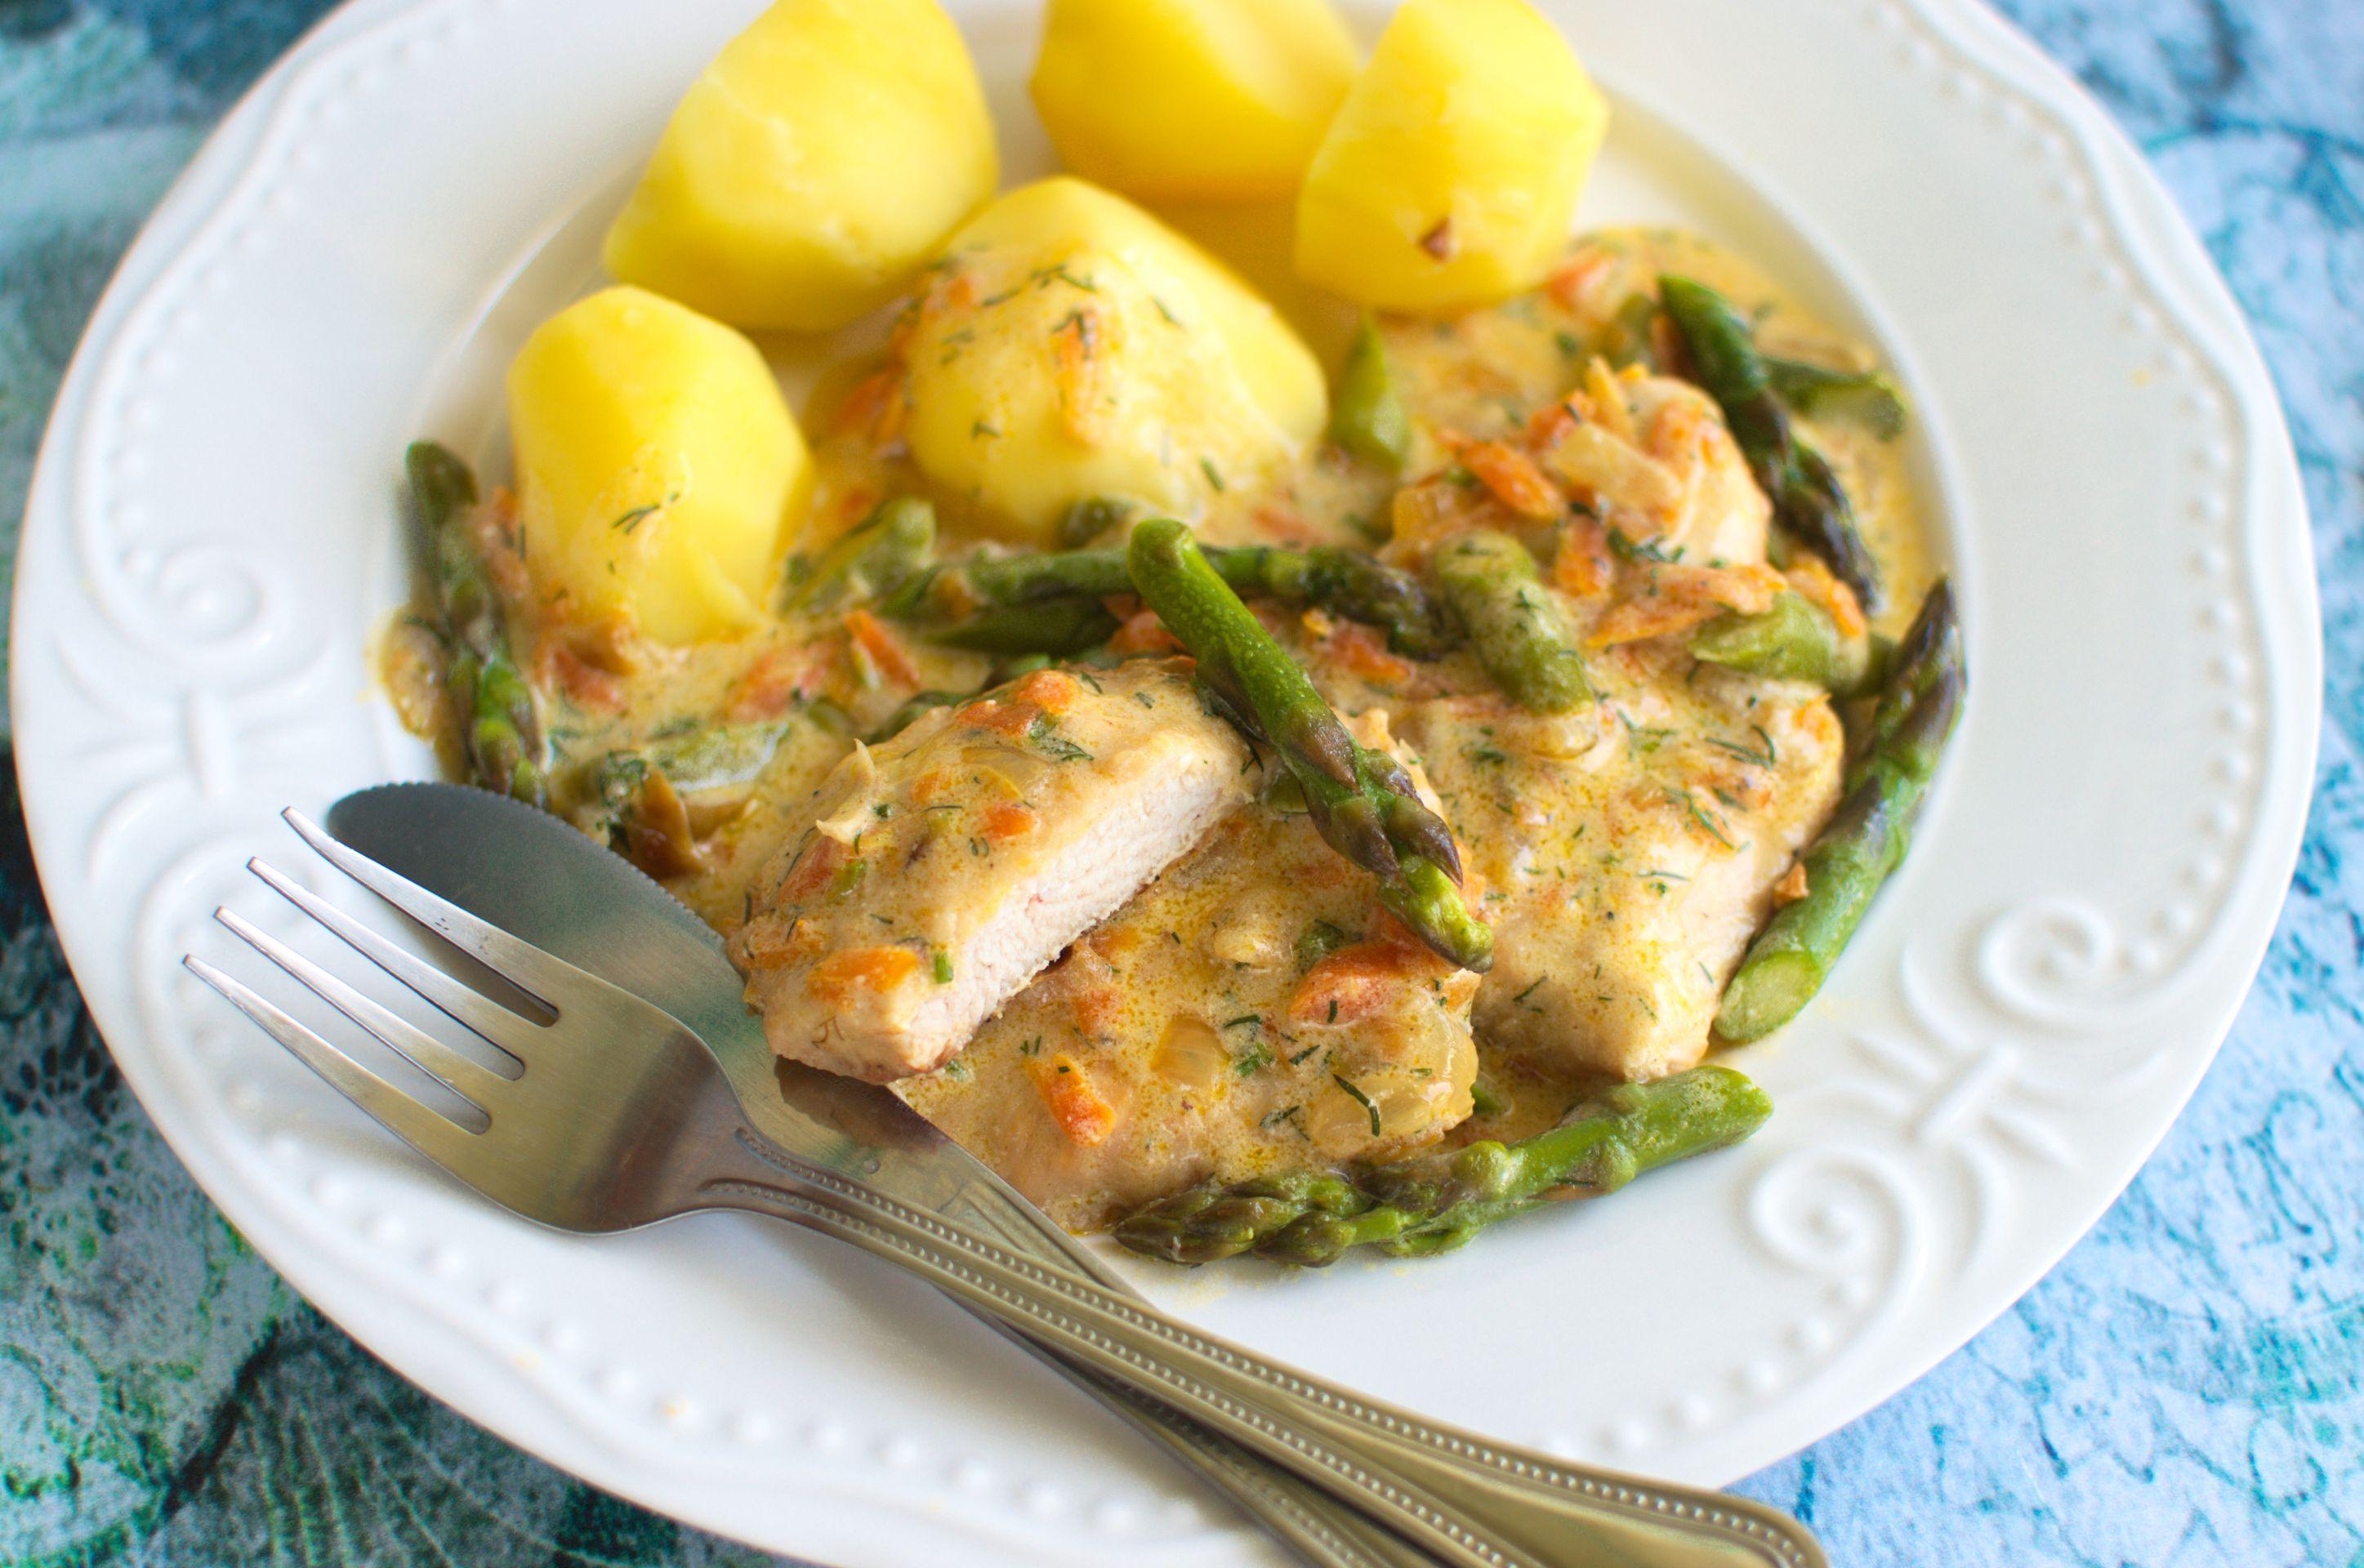 Fileciki z kurczaka w delikatnym sosie ze szparagami